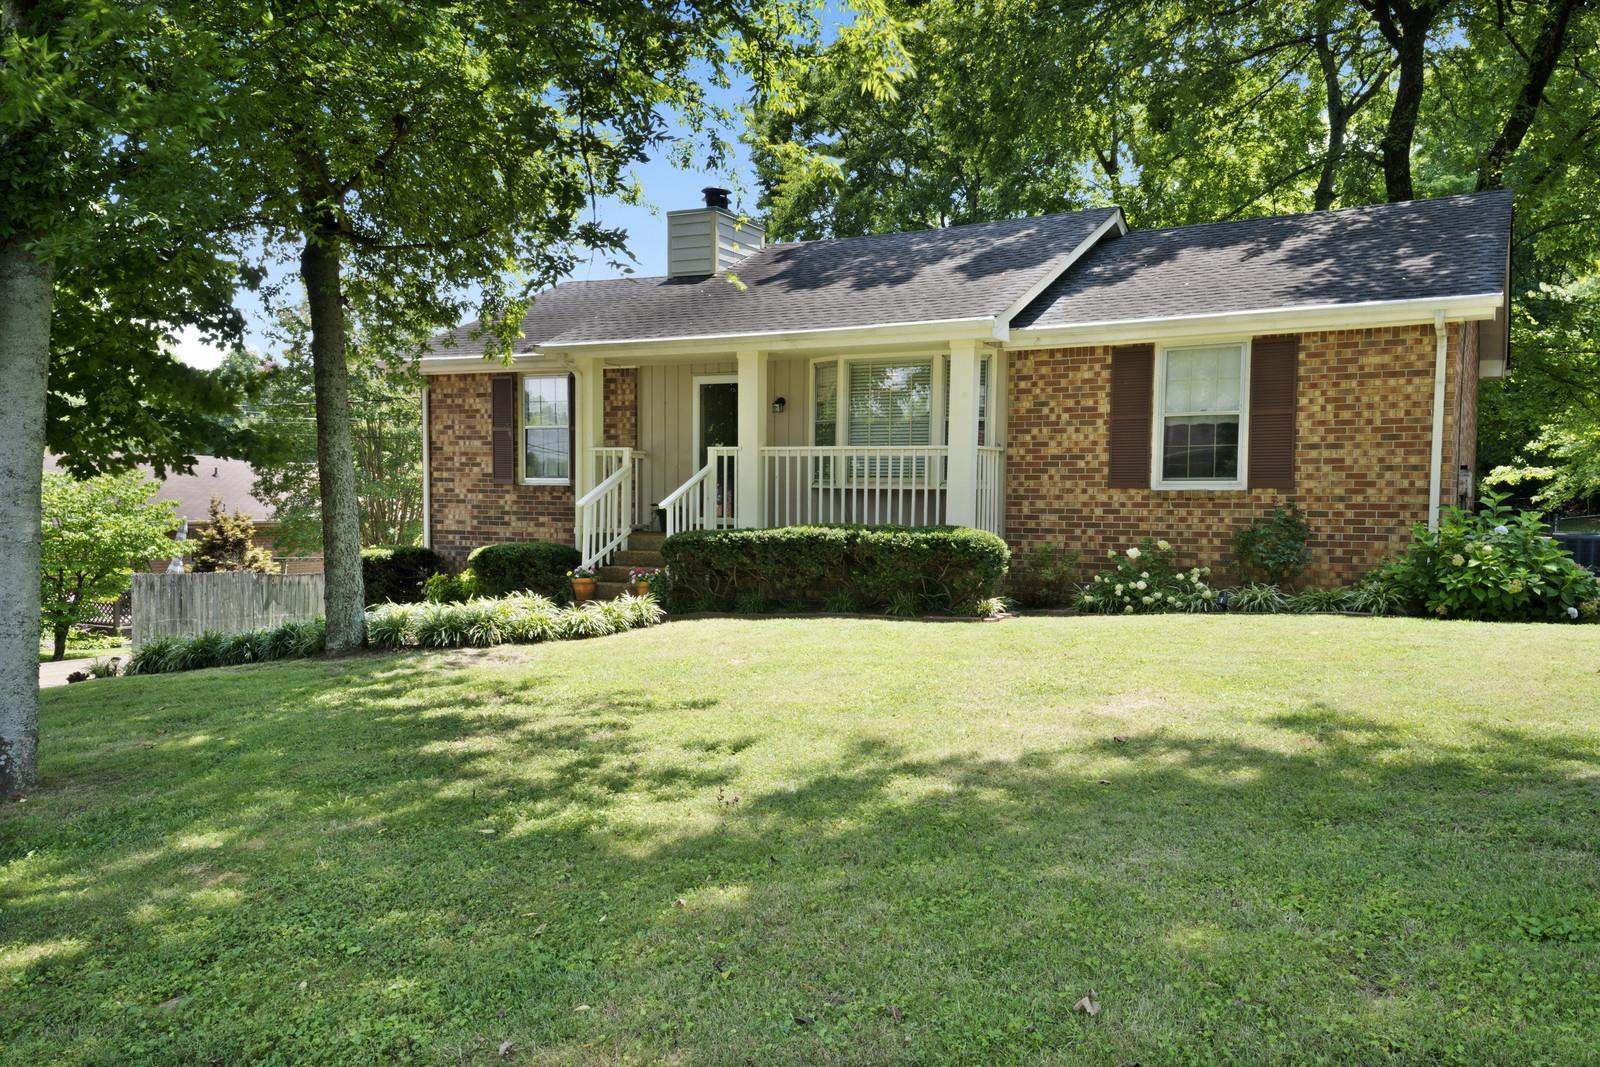 159 Township Dr, Hendersonville, TN 37075 - Hendersonville, TN real estate listing